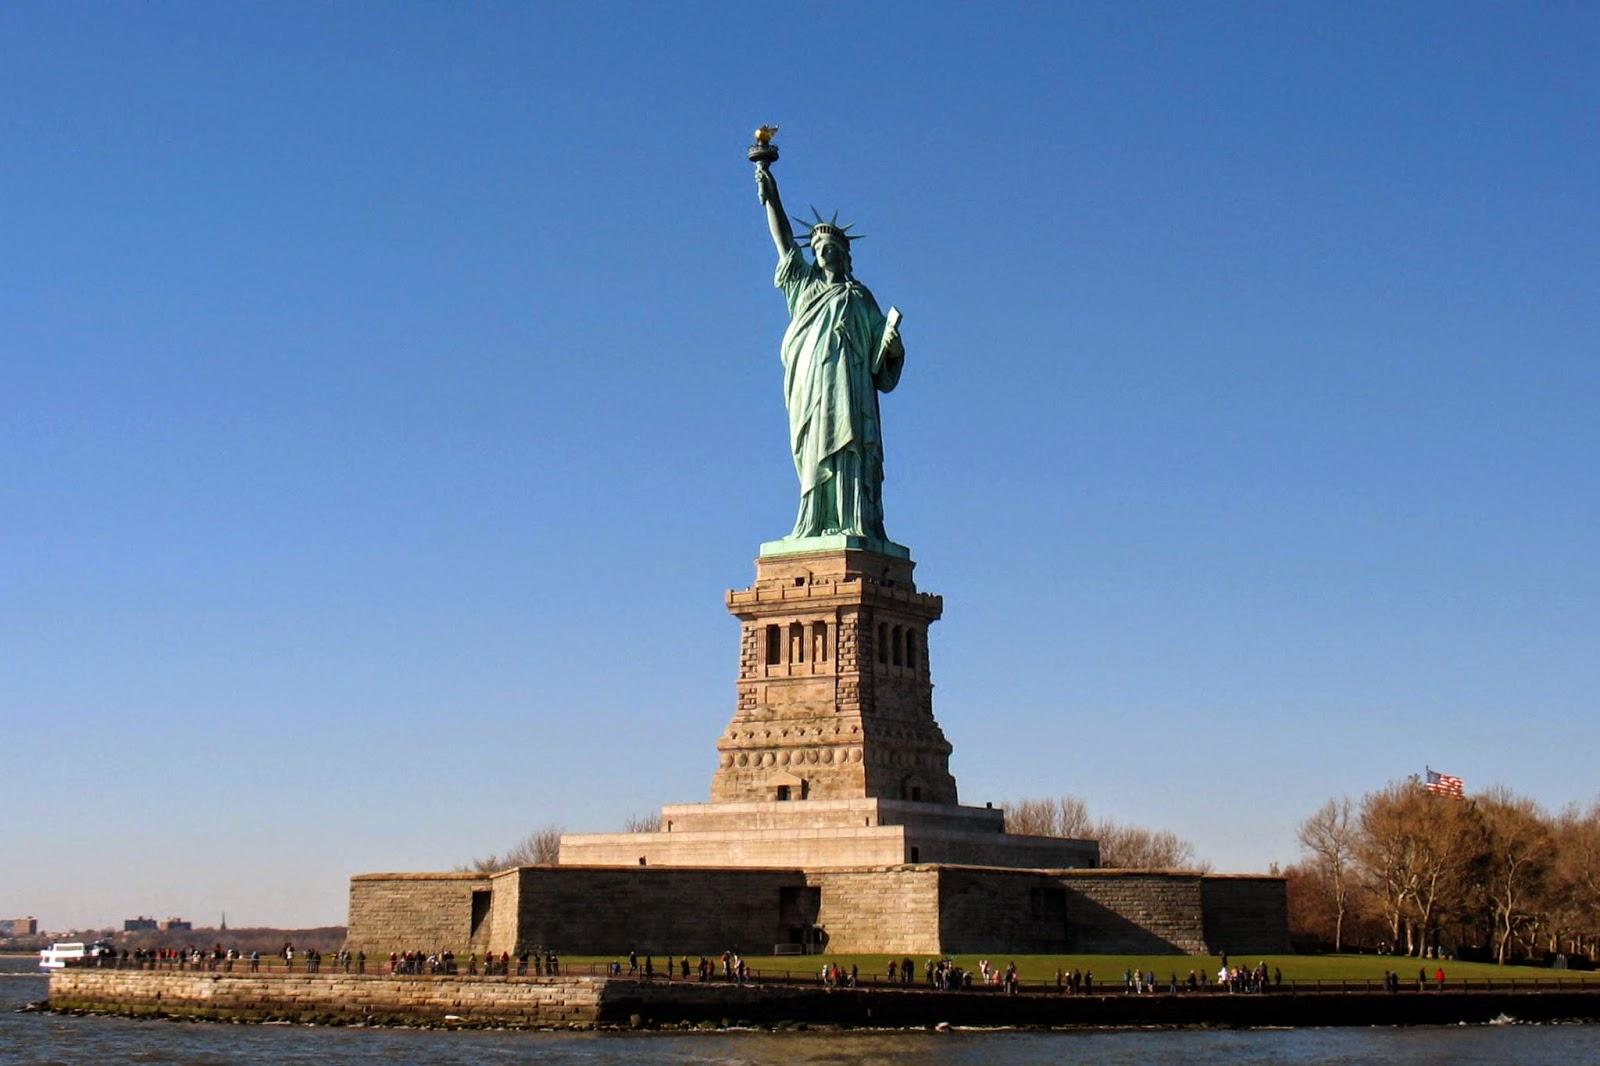 La Estatua de la Libertad New York City NY